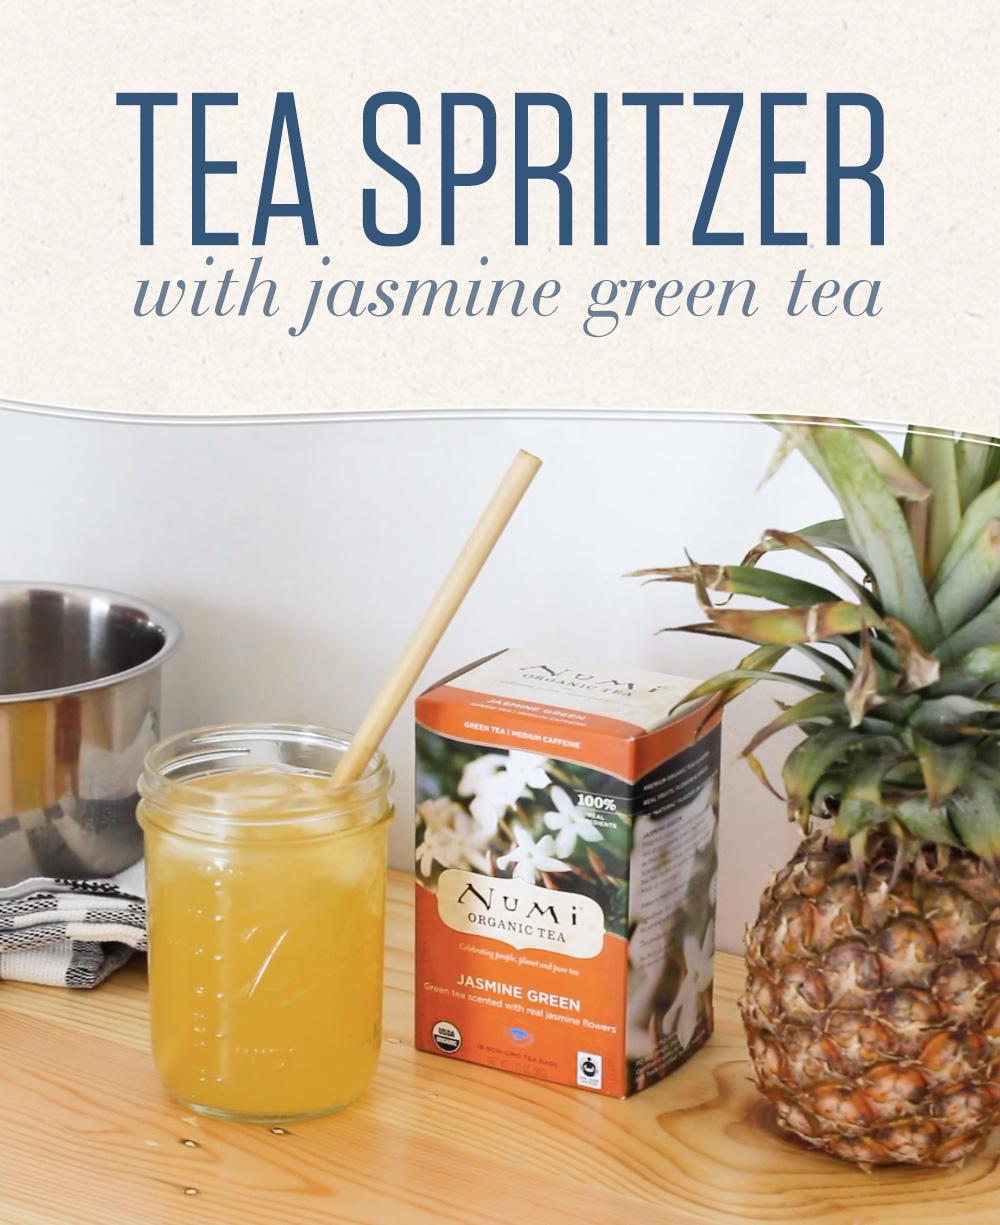 Jasmine Green Tea Spritzer